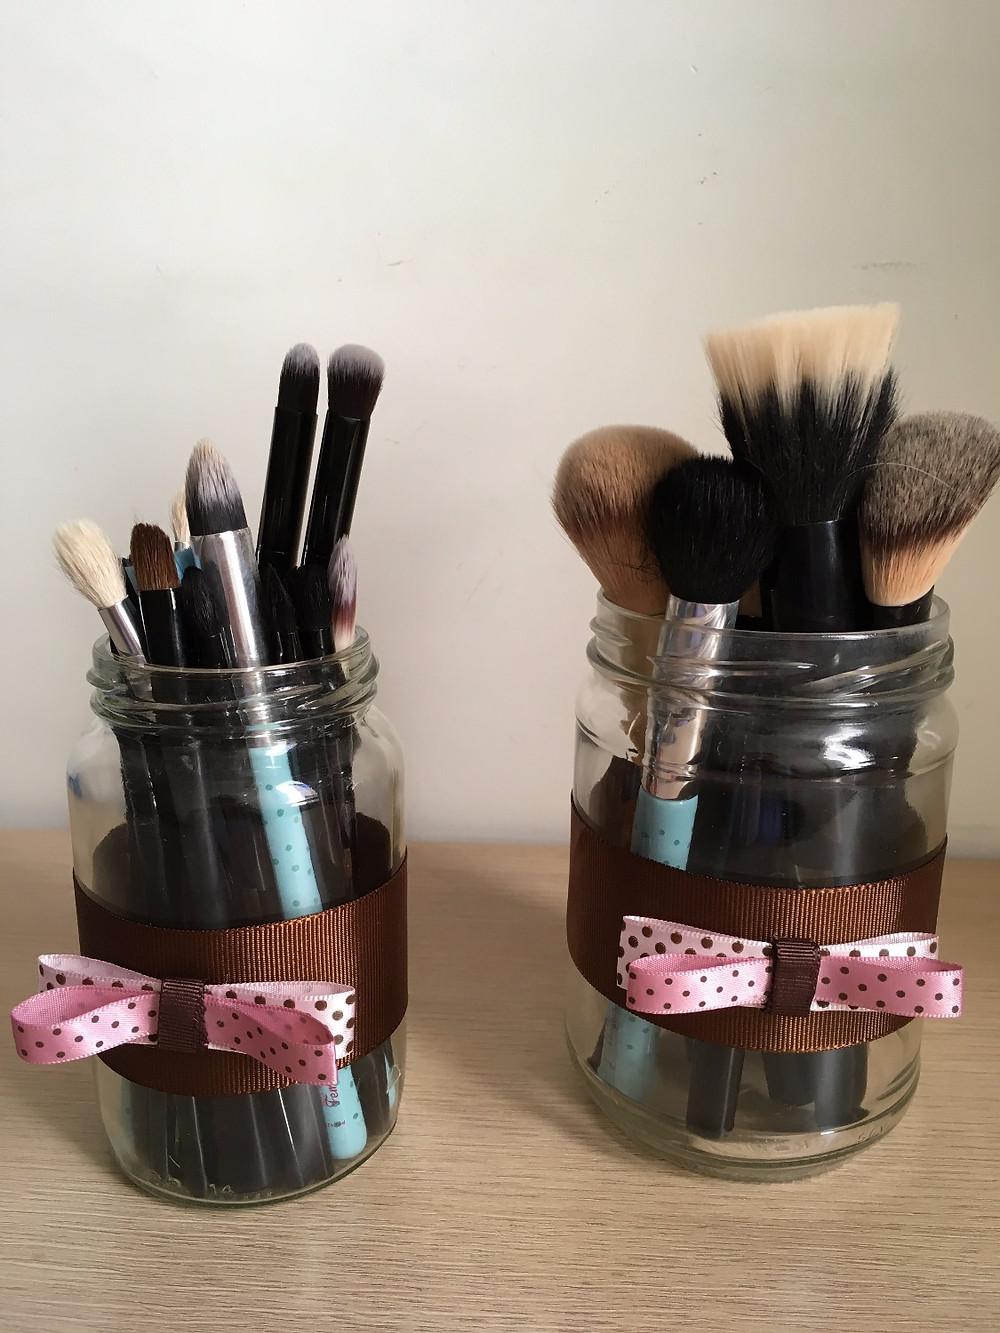 DIY-poto-pinceis-maquiagem-blog-isso-que-e-amiga-poa